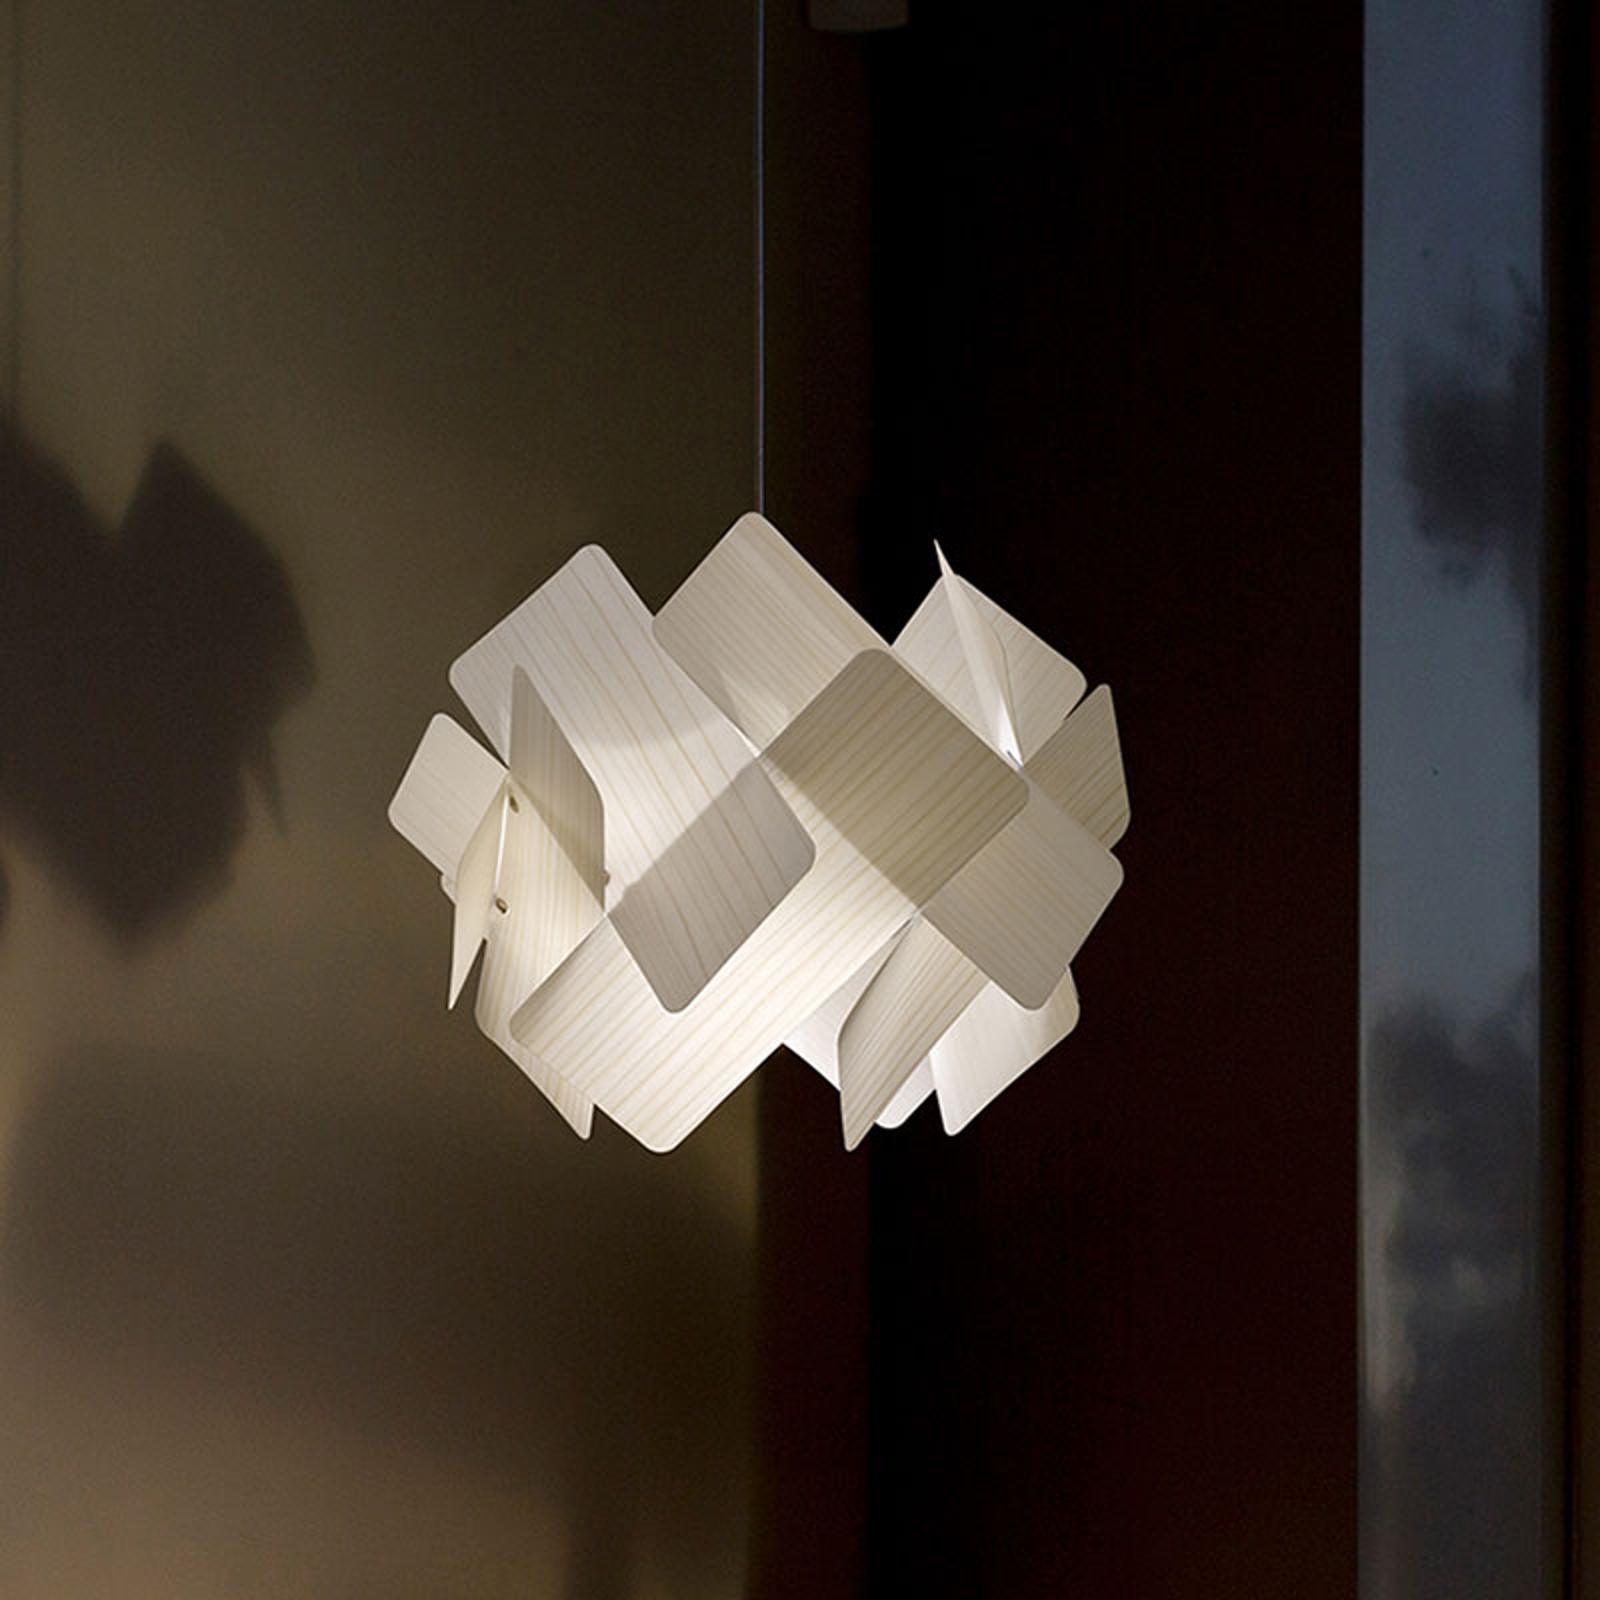 LZF Escape hanglamp, Ø 56 cm, ivoor